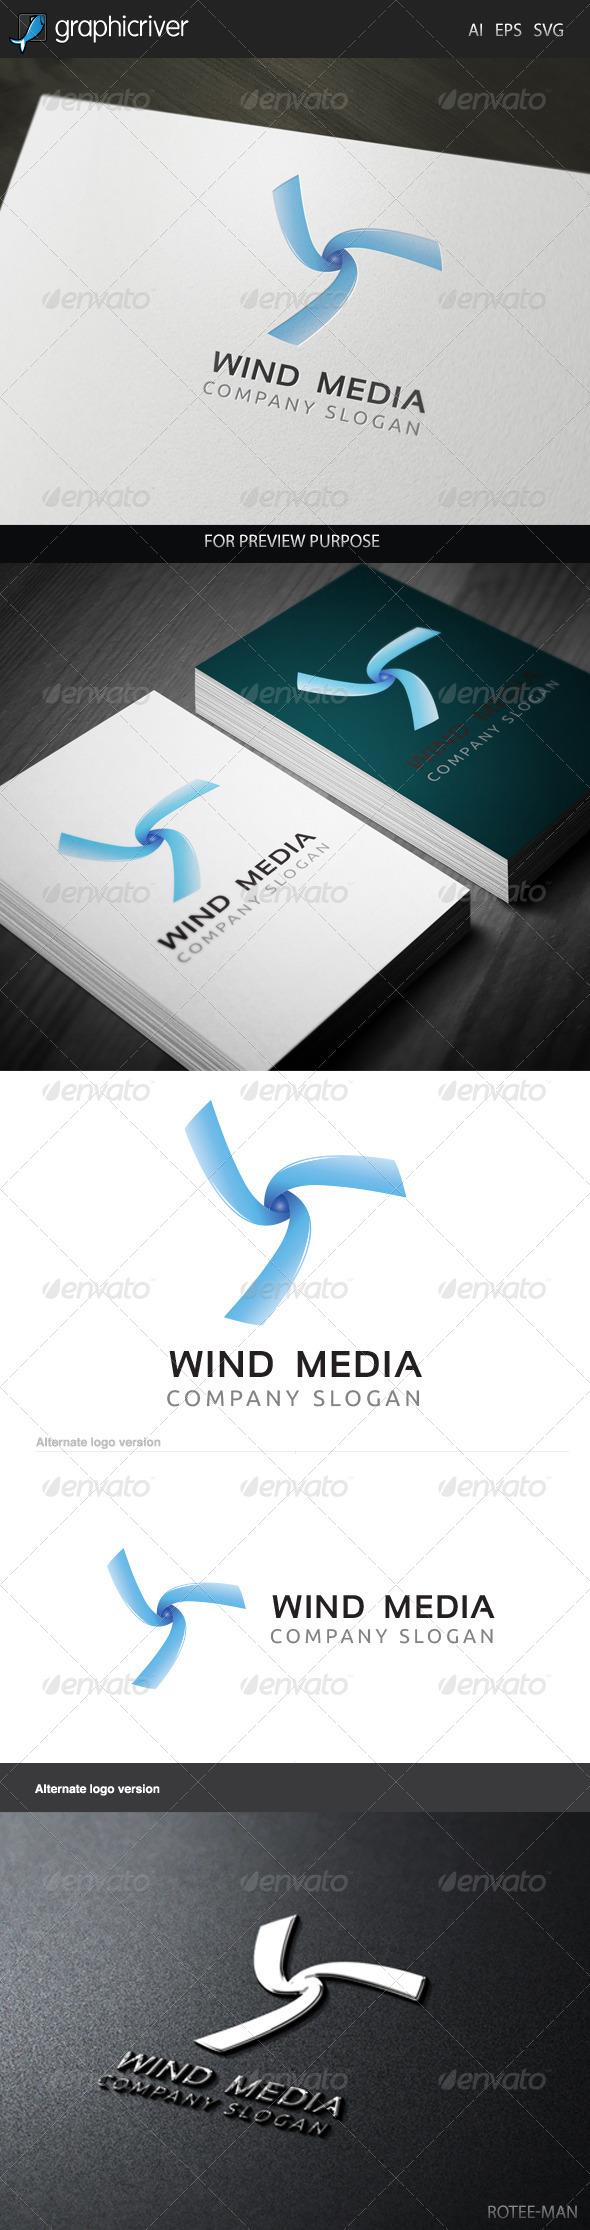 Wind Media 2 Logo